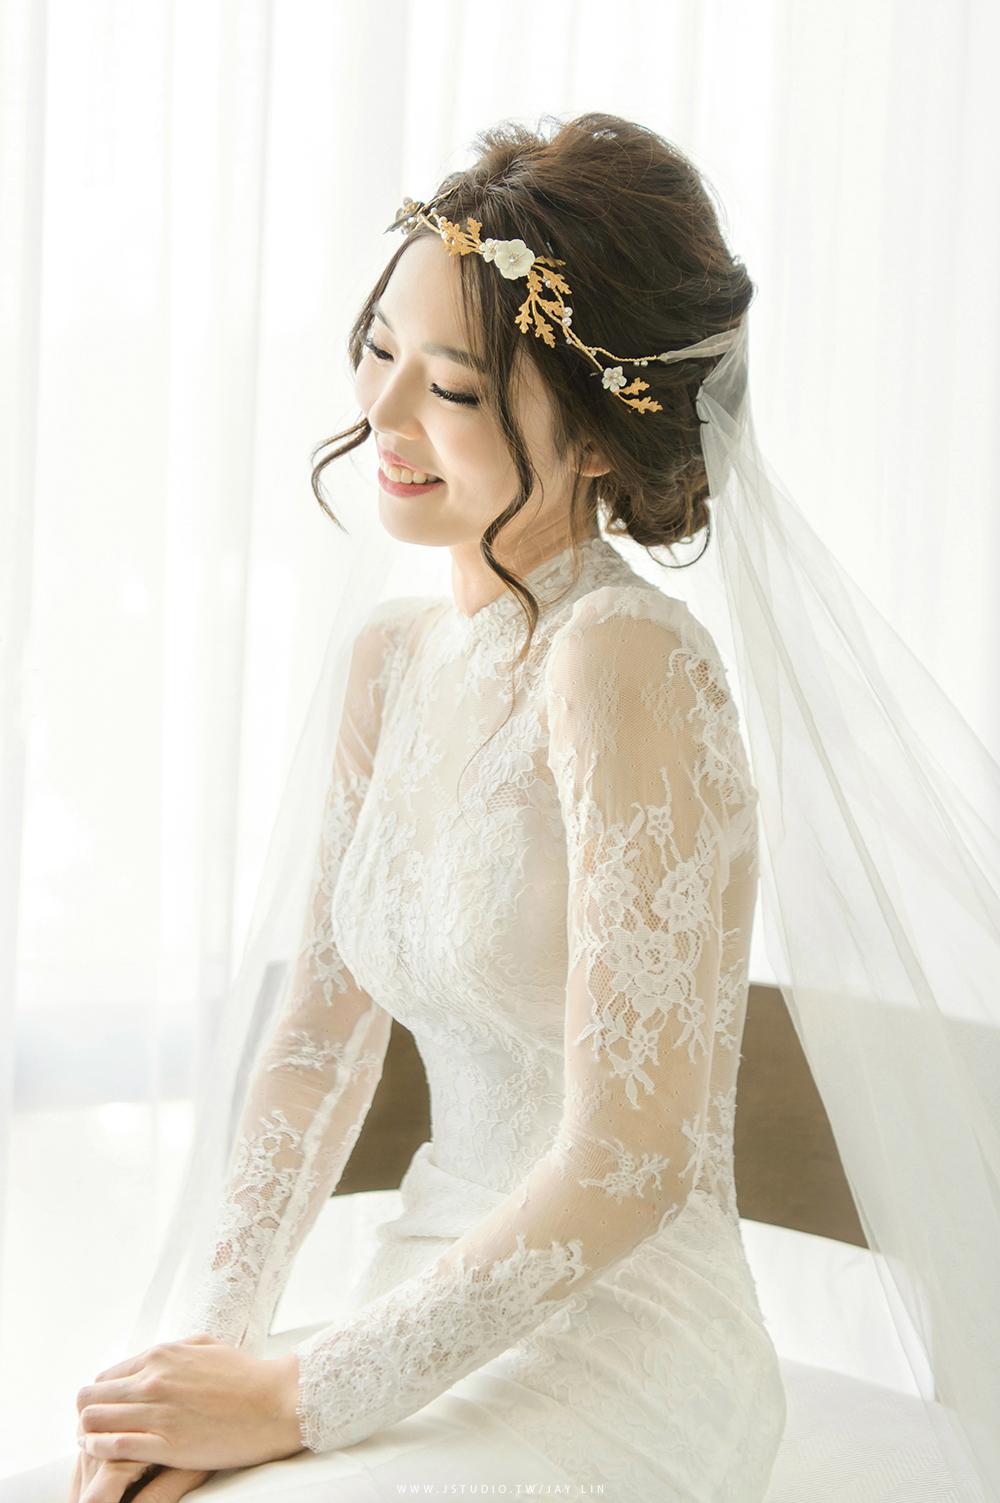 婚攝 台北萬豪酒店 台北婚攝 婚禮紀錄 推薦婚攝 戶外證婚 JSTUDIO_0053